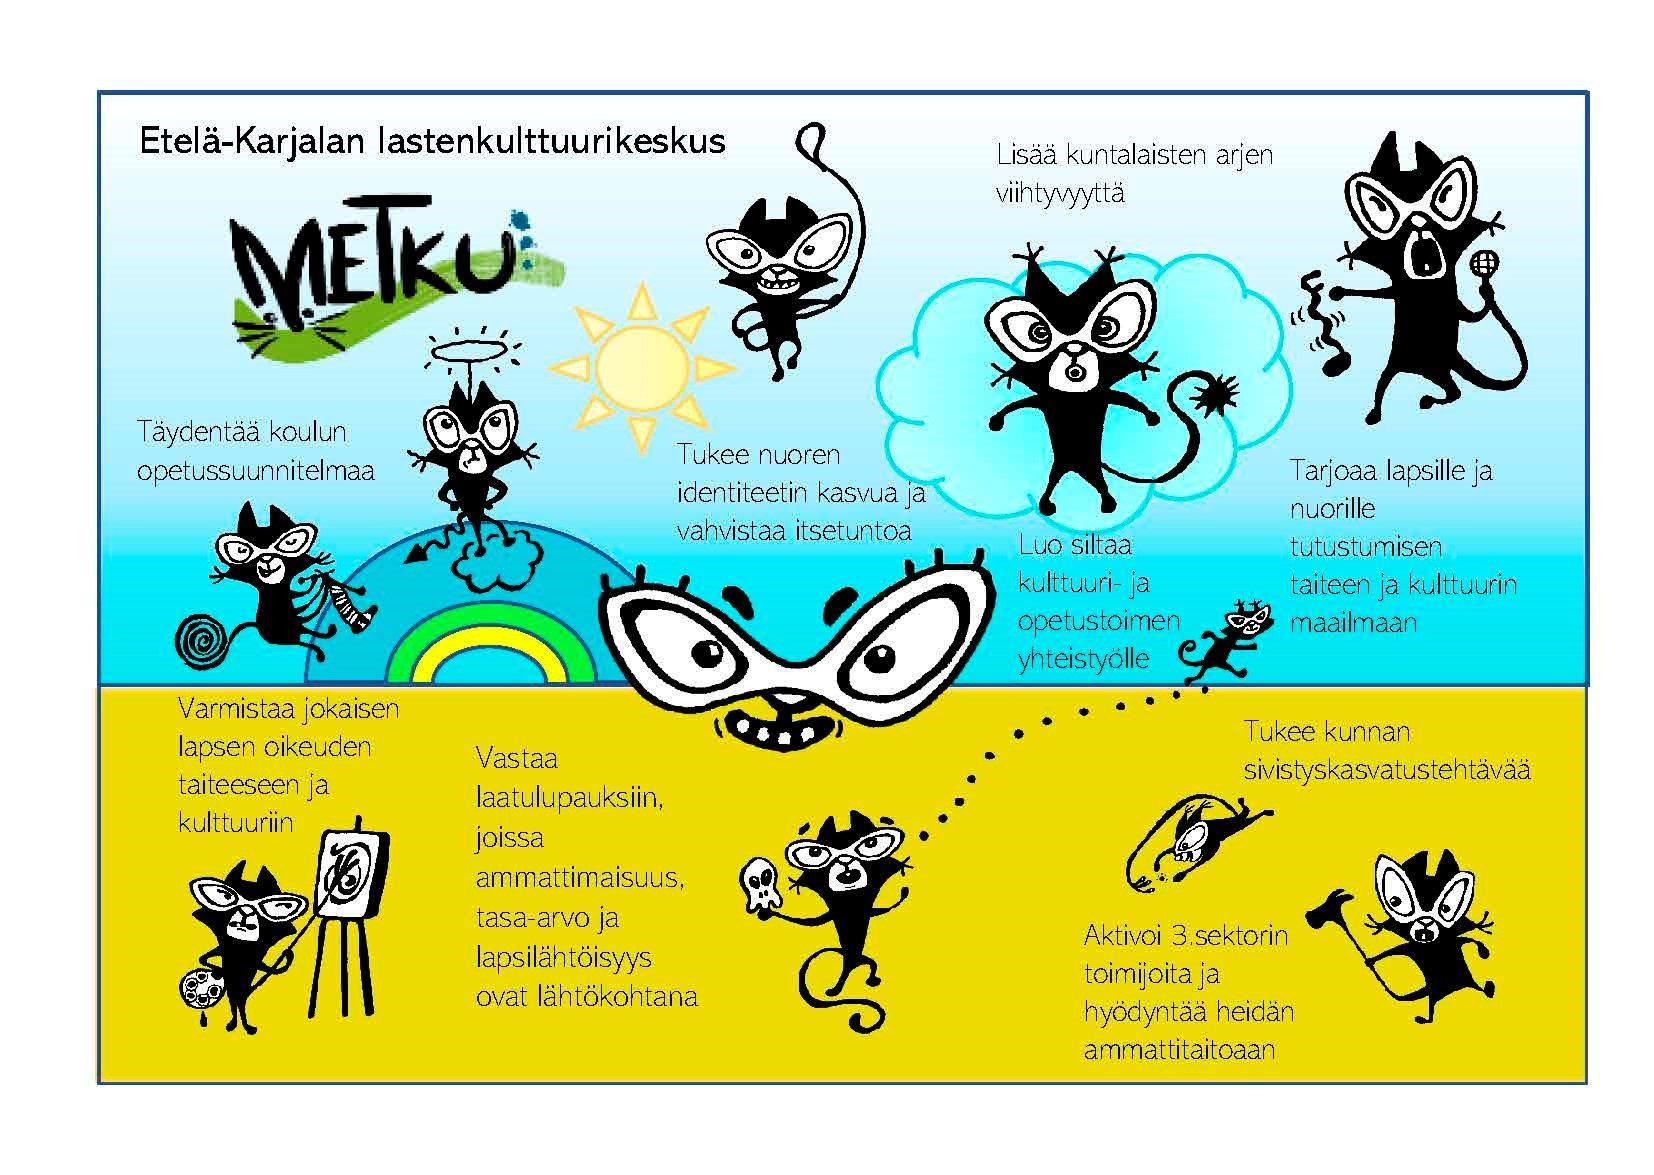 kuvassa Etelä-Karjalan lastenkulttuurikeskuksen kulttuurikissoja ja lauseita siitä mitä Etelä-Karjalan lastenkulttuurikeskus tekee maakunnassa, kuten lisää kuntalaisten viihtyvyyttä, täydentää koulun opetussuunnitelmaa, varmistaa jokaisen lapsen oikeuden taiteeseen ja kulttuuriin, tukee nuoren identiteetin kasvua ja vahvistaa itsetuntuoa, luo siltaa kulttuuri- ja opetustoimen välille, tarjoaa lapsille ja nuorille tutustumisen taiteen ja kulttuurin maailmaan, tukee kunnan sivistyskasvatustehtävää, aktivoi 3.sektorin toimijoita ja hyödyntää heidän ammattitaitoaan, vastaa laatulupauksiin joissa ammattimaisuus tasa-arvo ja lapsilähtöisyys ovat lähtökohtana.